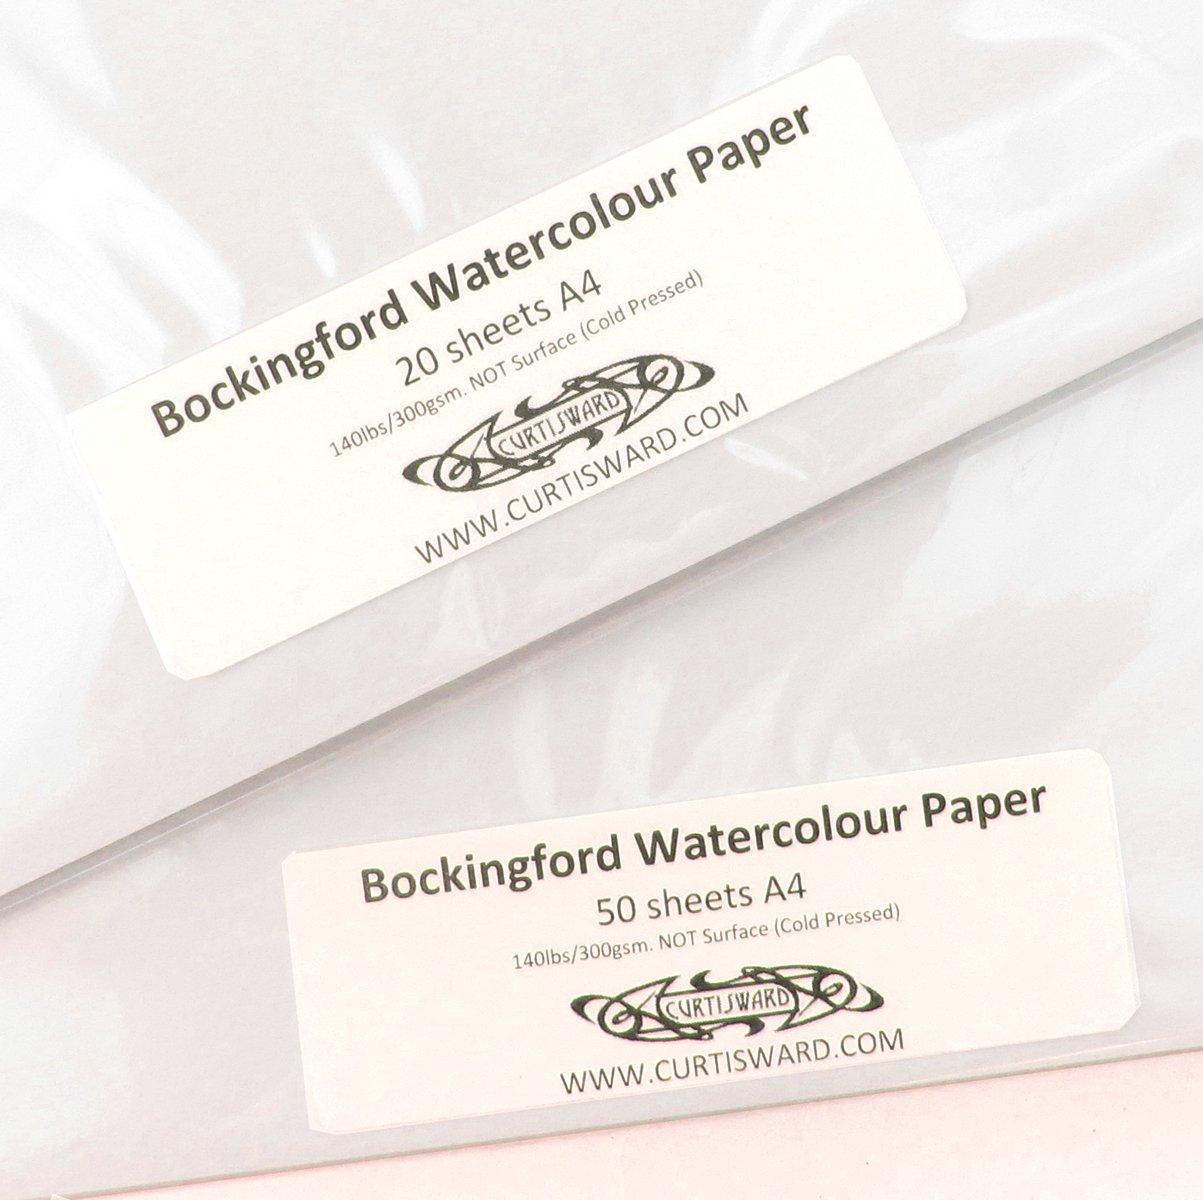 Bockingford artistes Pas Pressée à froid (Surface) de Papier aquarelle Format A4–Lot de 50 feuilles de Papier 300 g Lot Curtisward